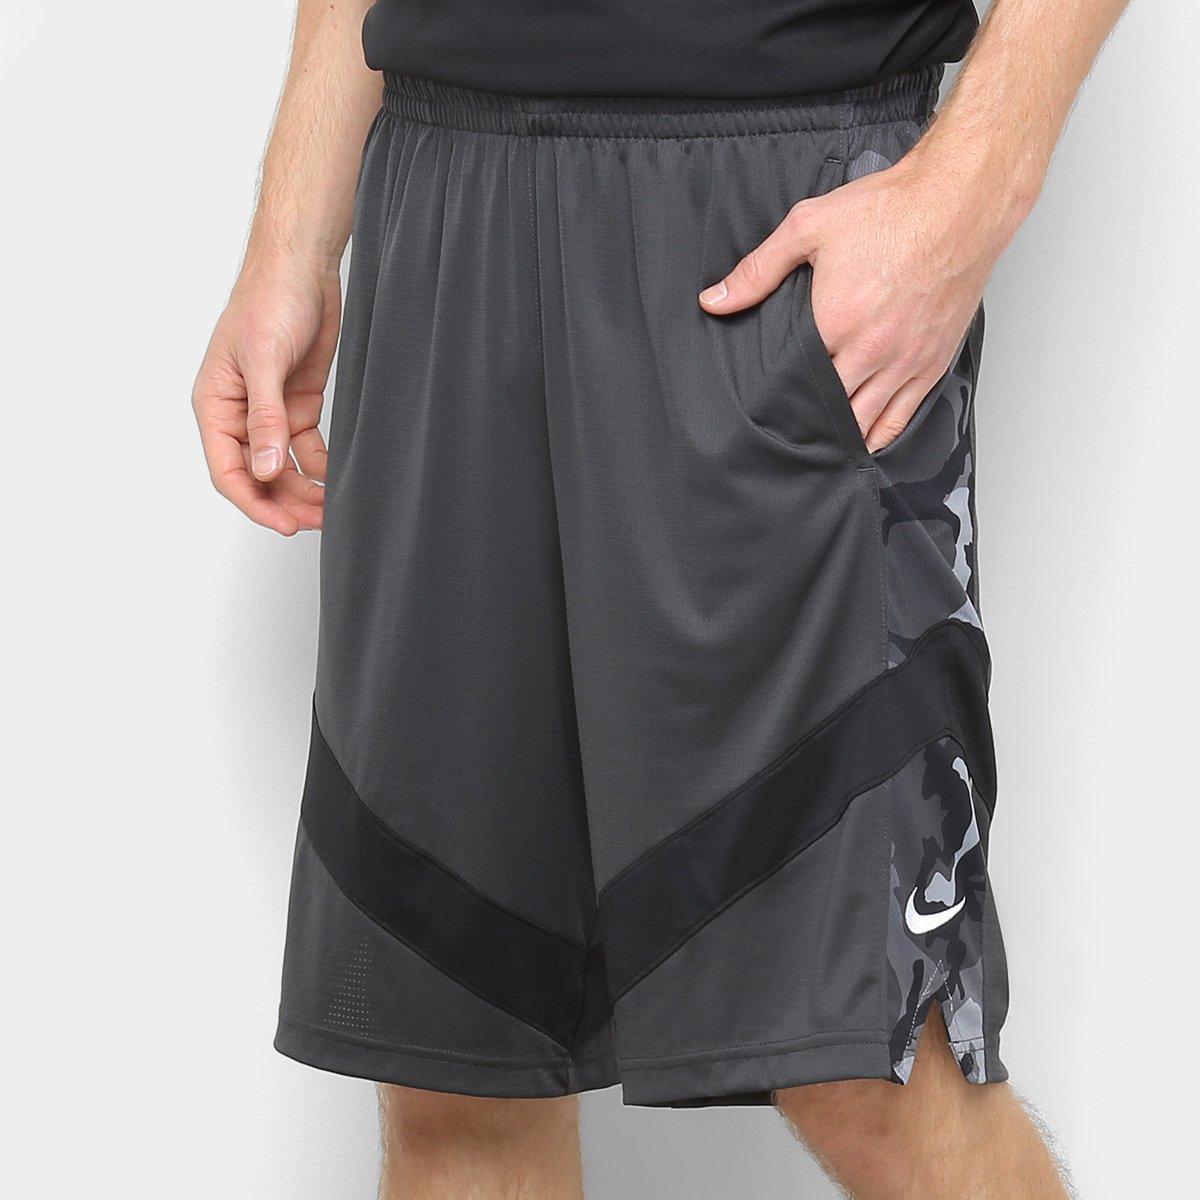 908432256 Bermuda Nike Dry Courtlines Masculina - Preto e Branco - Compre Agora